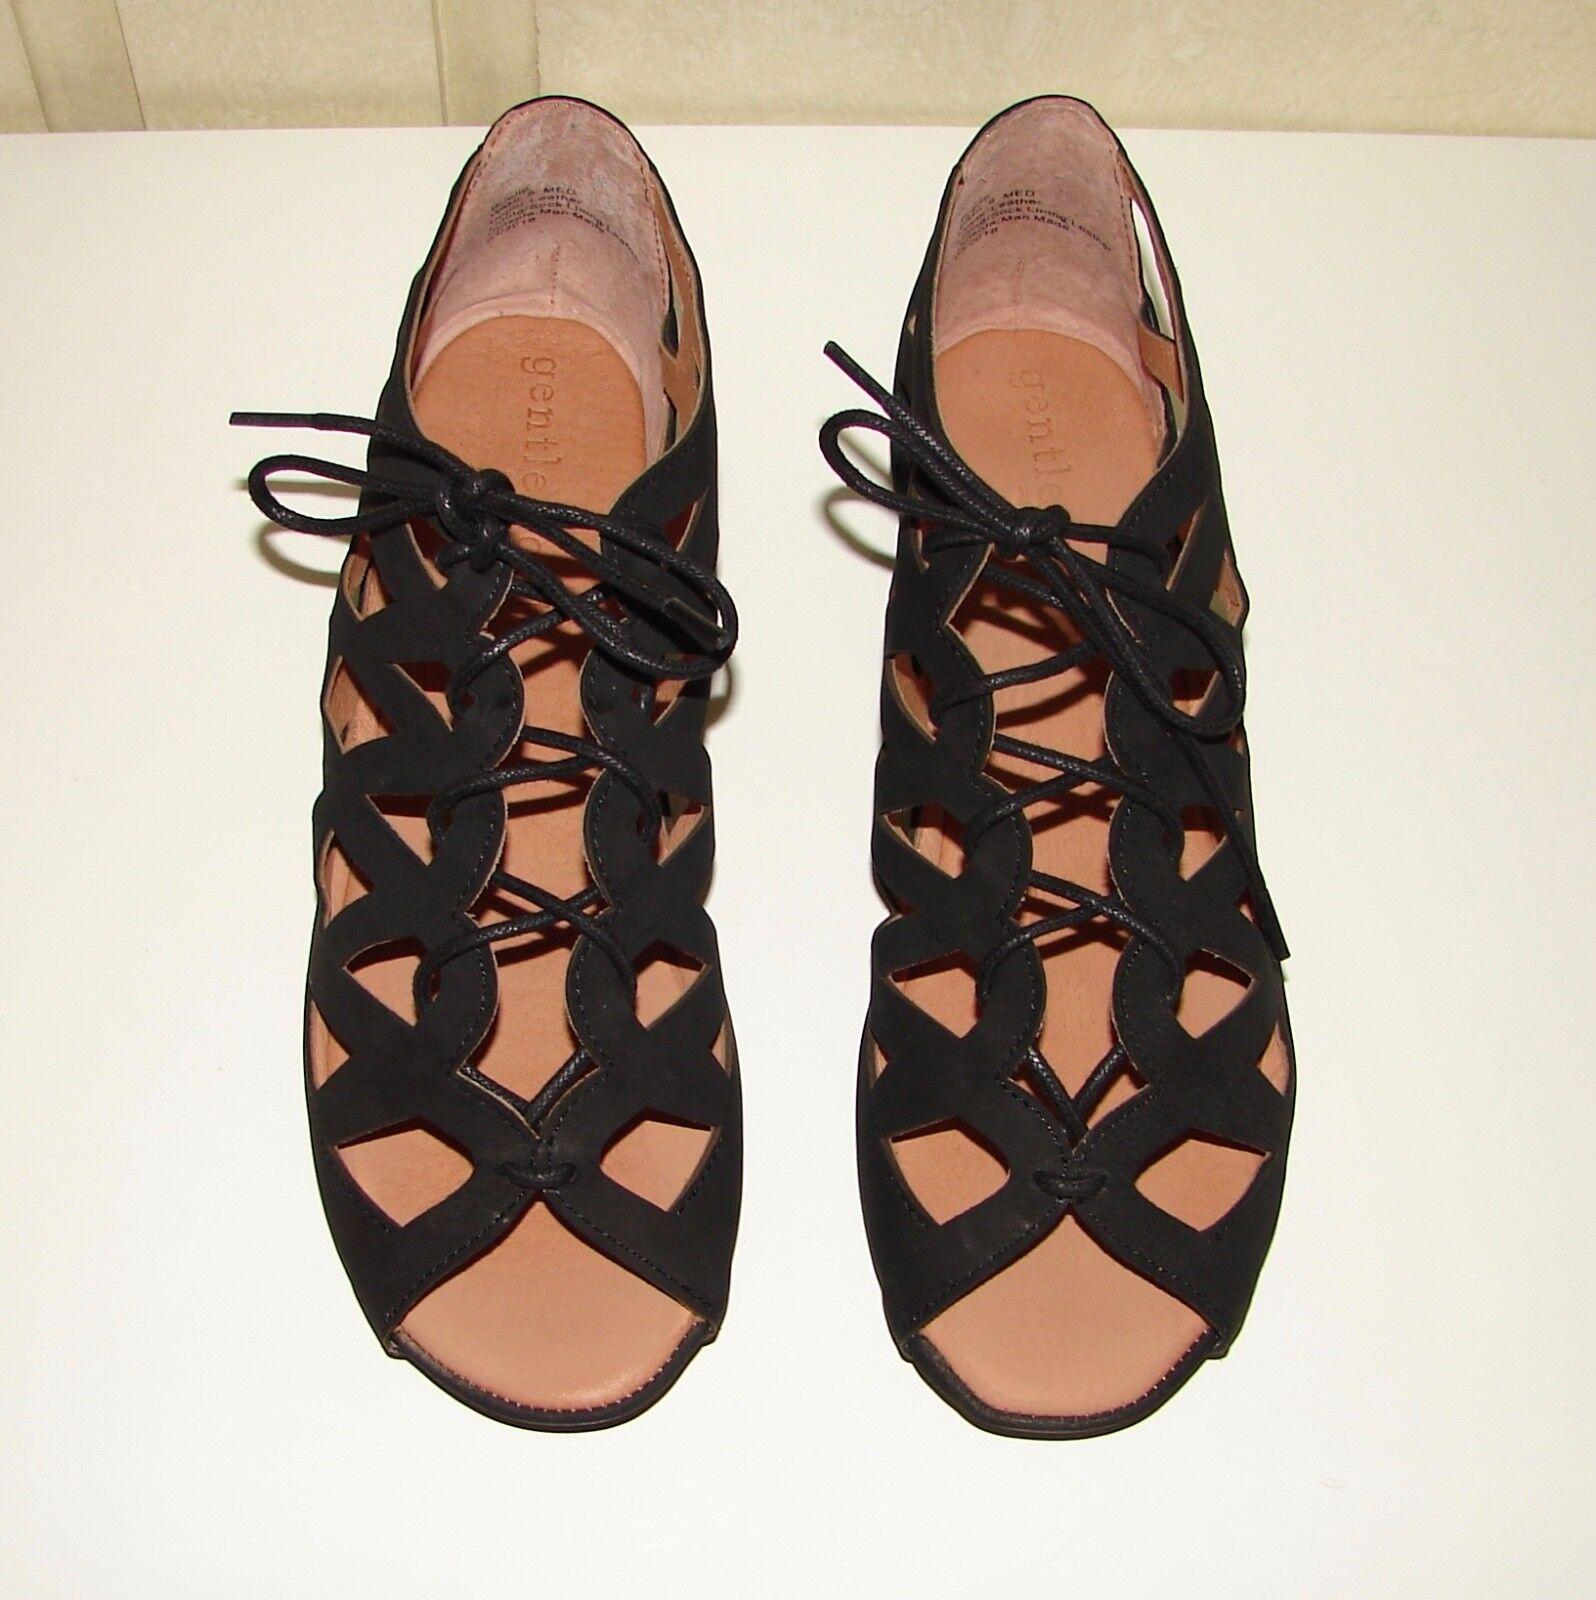 Gentle Souls sz  8 pelle nera Brielle sandali di nuova marca Neiman Marcus  seleziona tra le nuove marche come